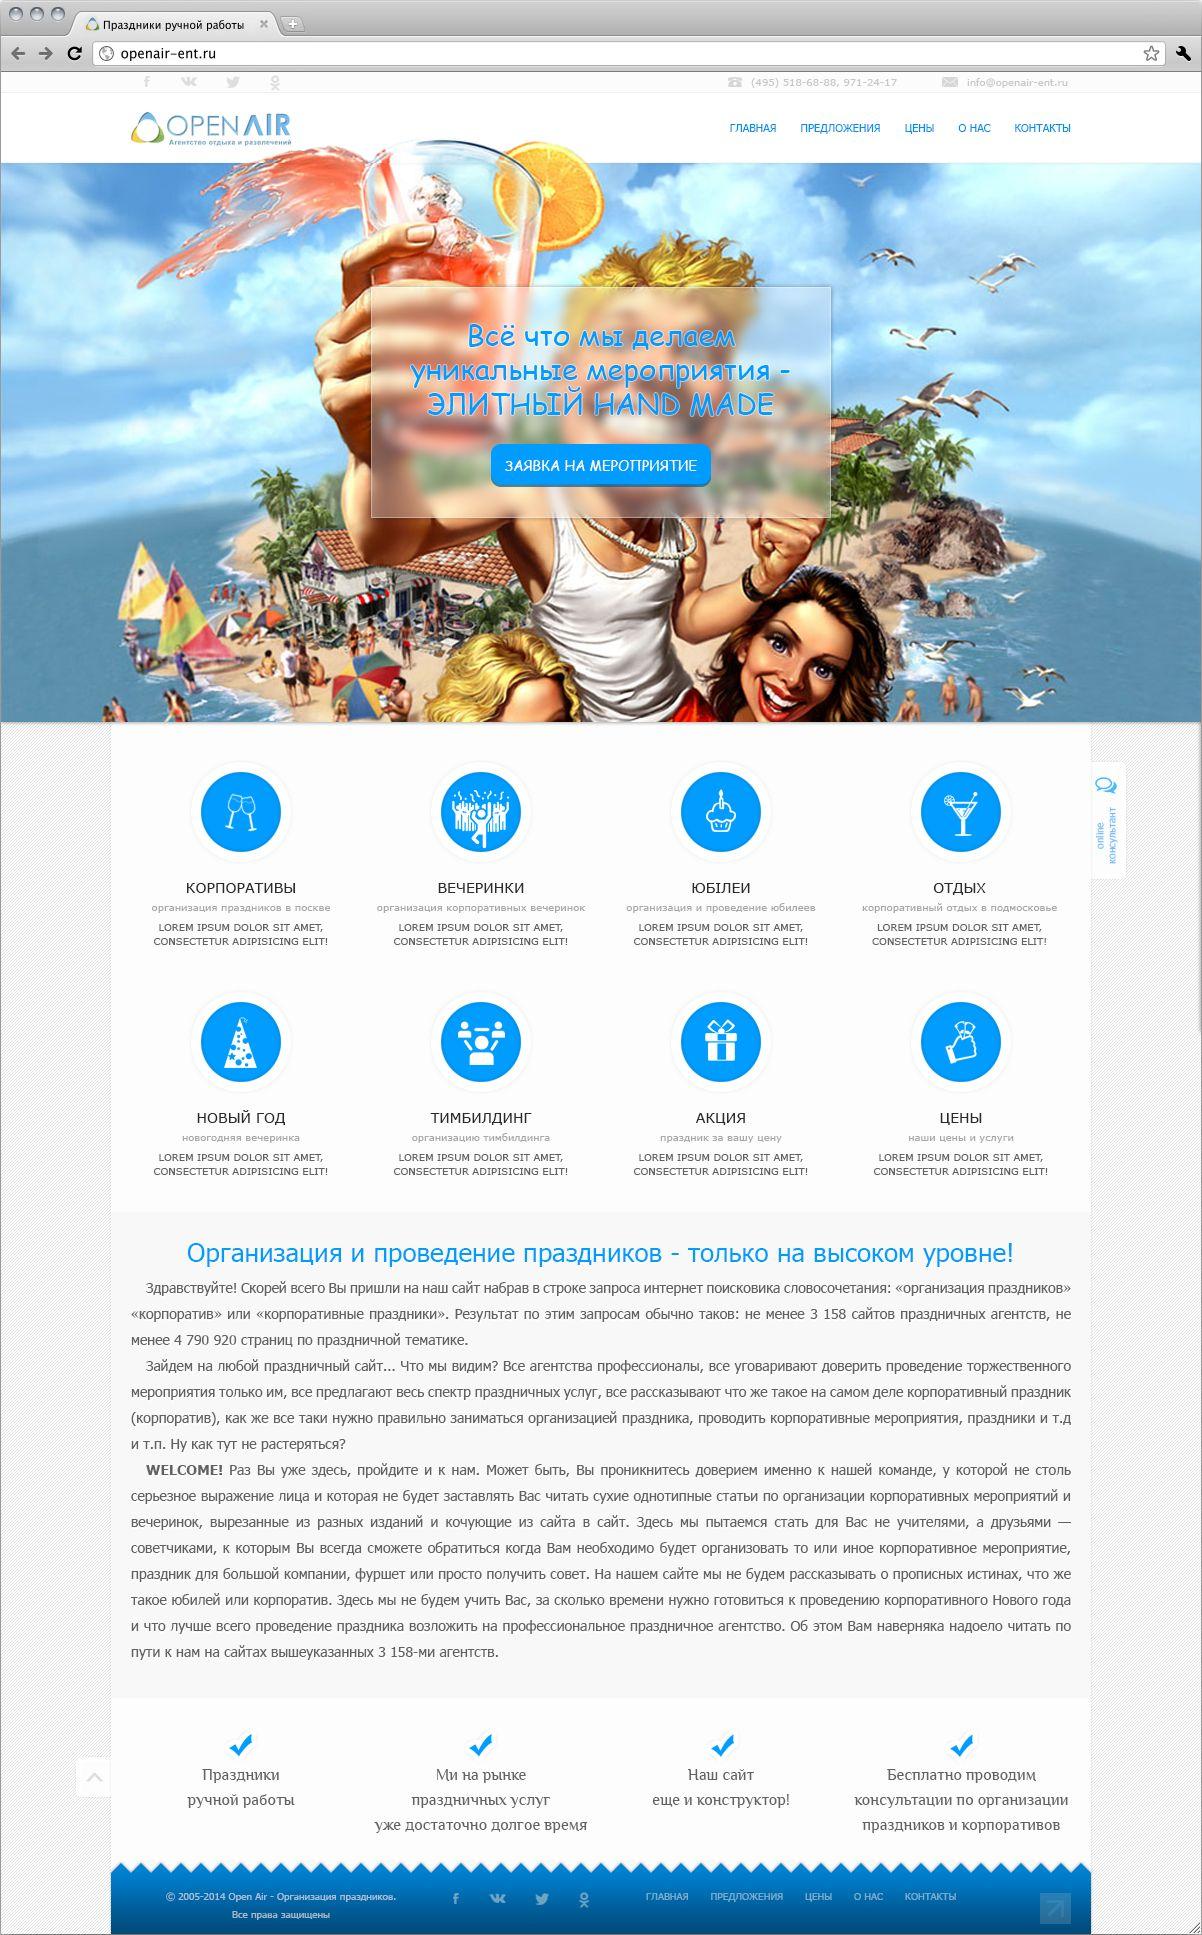 Сайт - организация праздников - дизайнер RainMystic